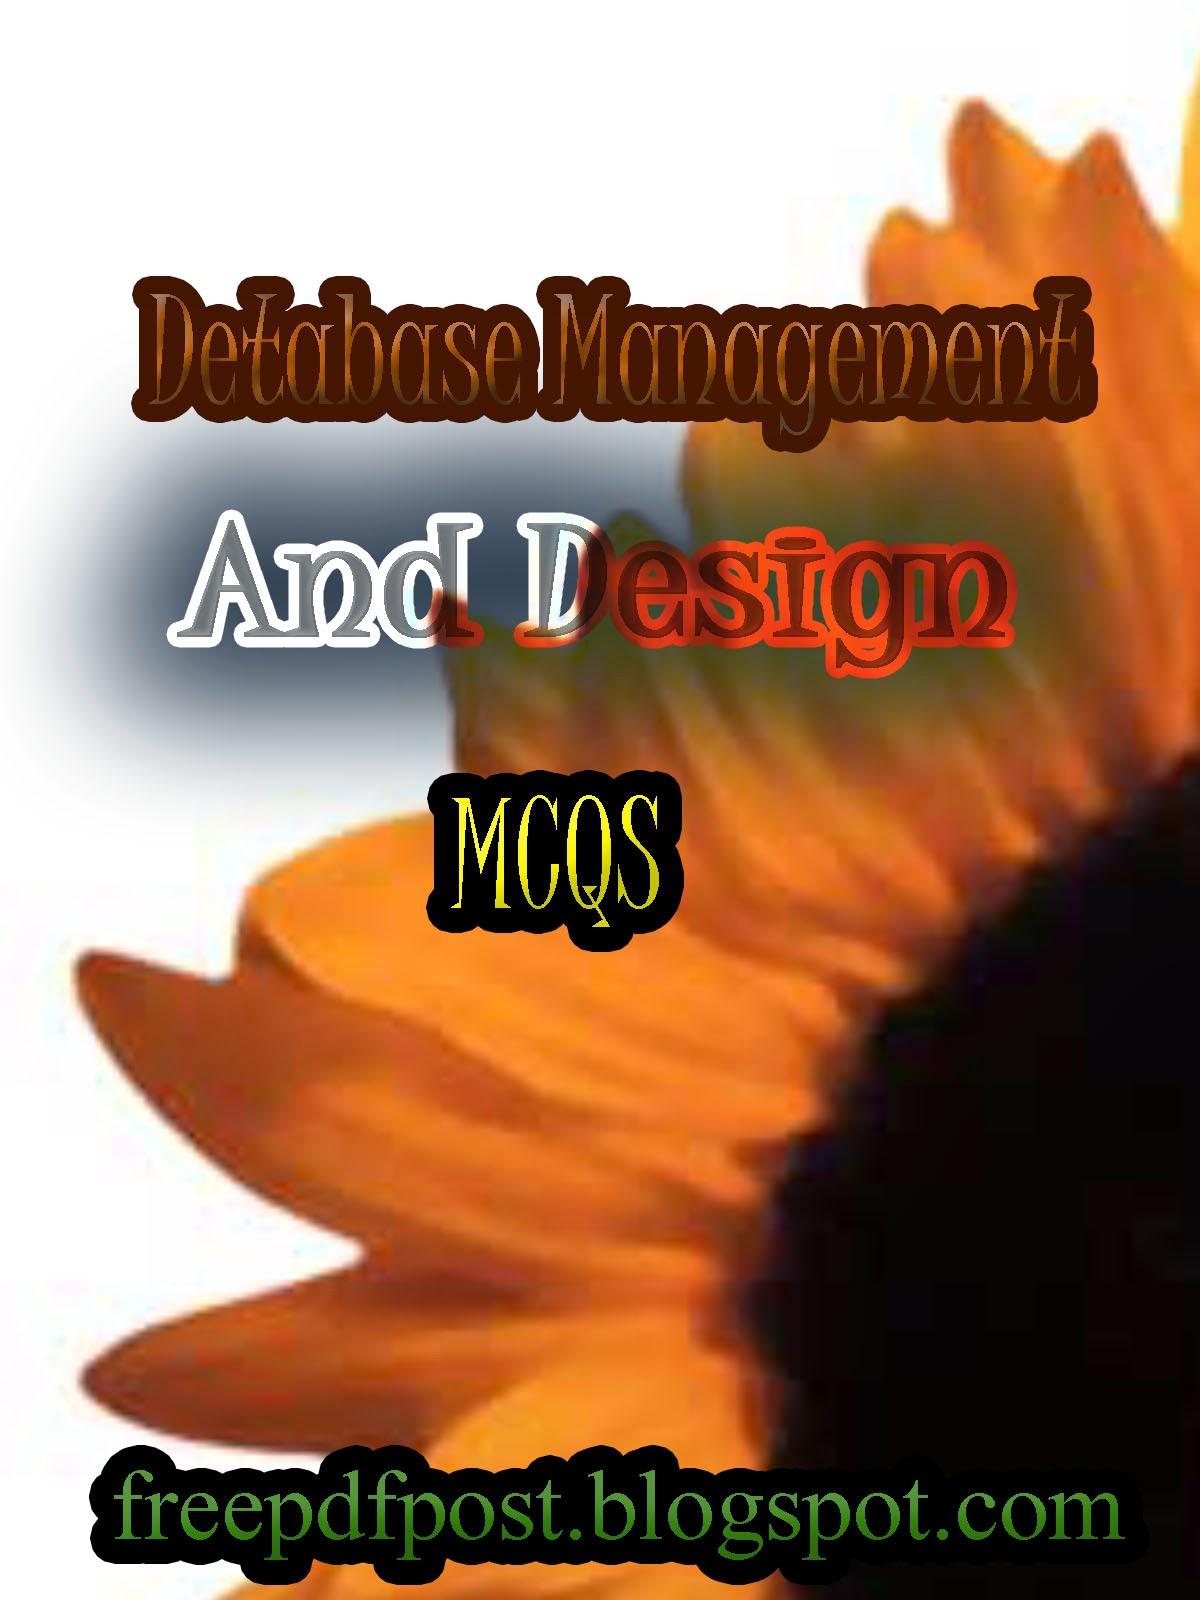 http://www.mediafire.com/view/i0h3585d84nag2a/79455033-mcqs.pdf